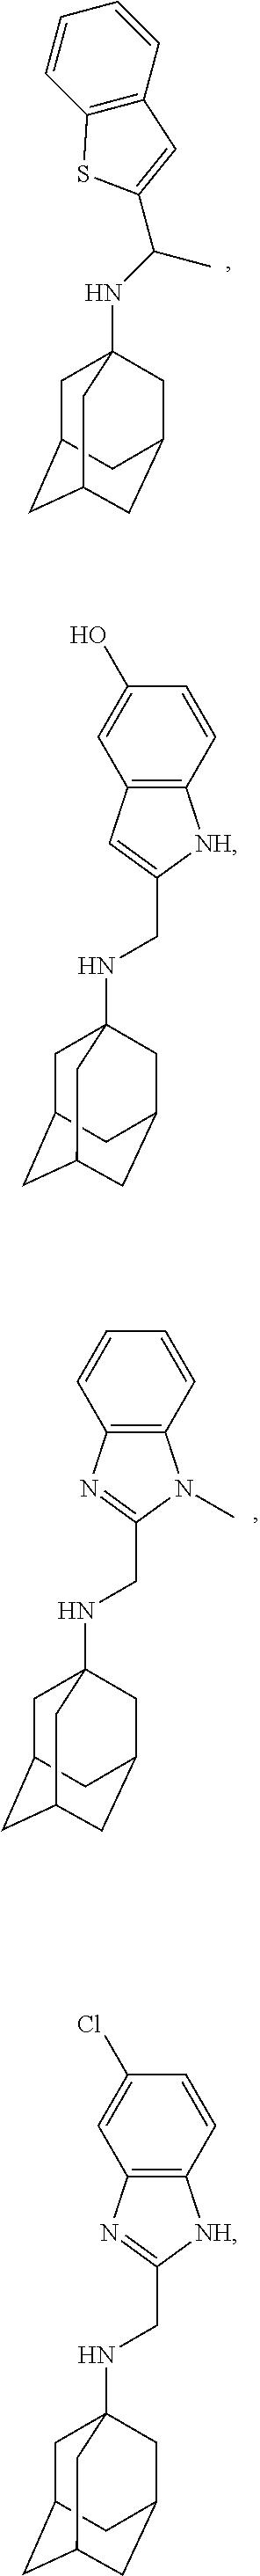 Figure US09884832-20180206-C00169